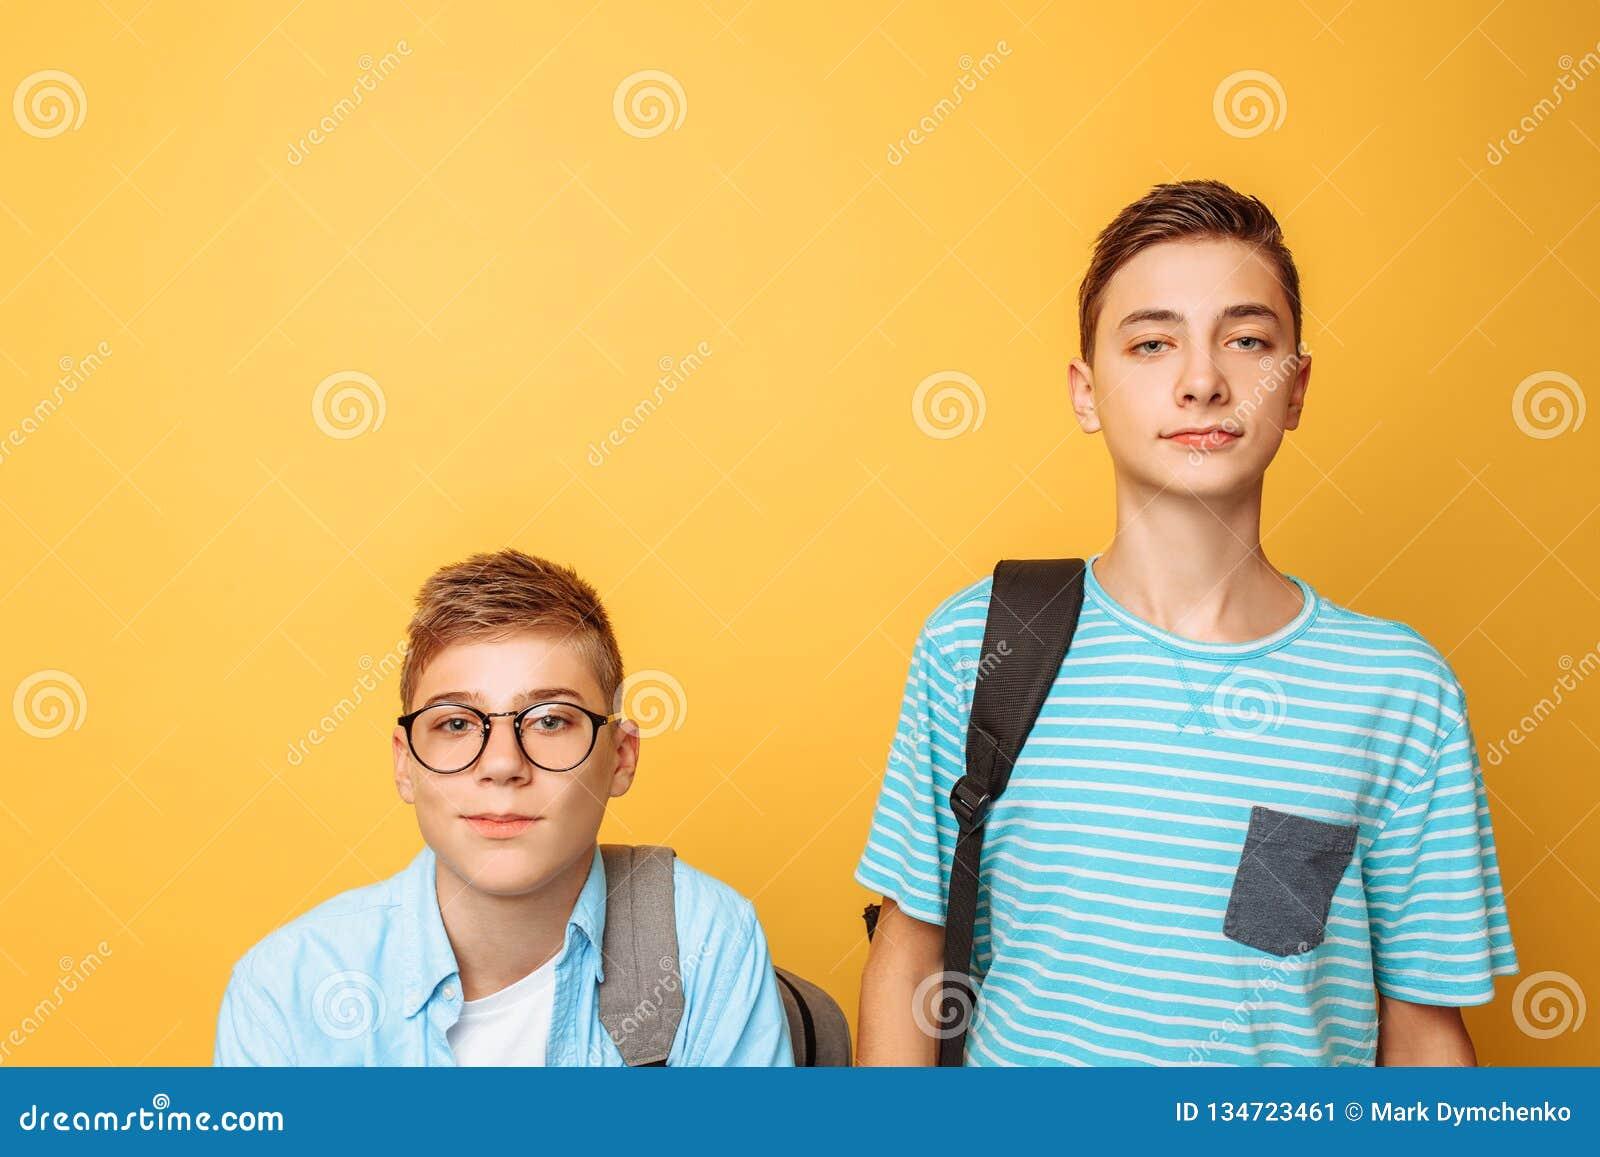 Dois amigos adolescentes, um indivíduo humilham o outro, popular humilham o impopular, em um fundo amarelo